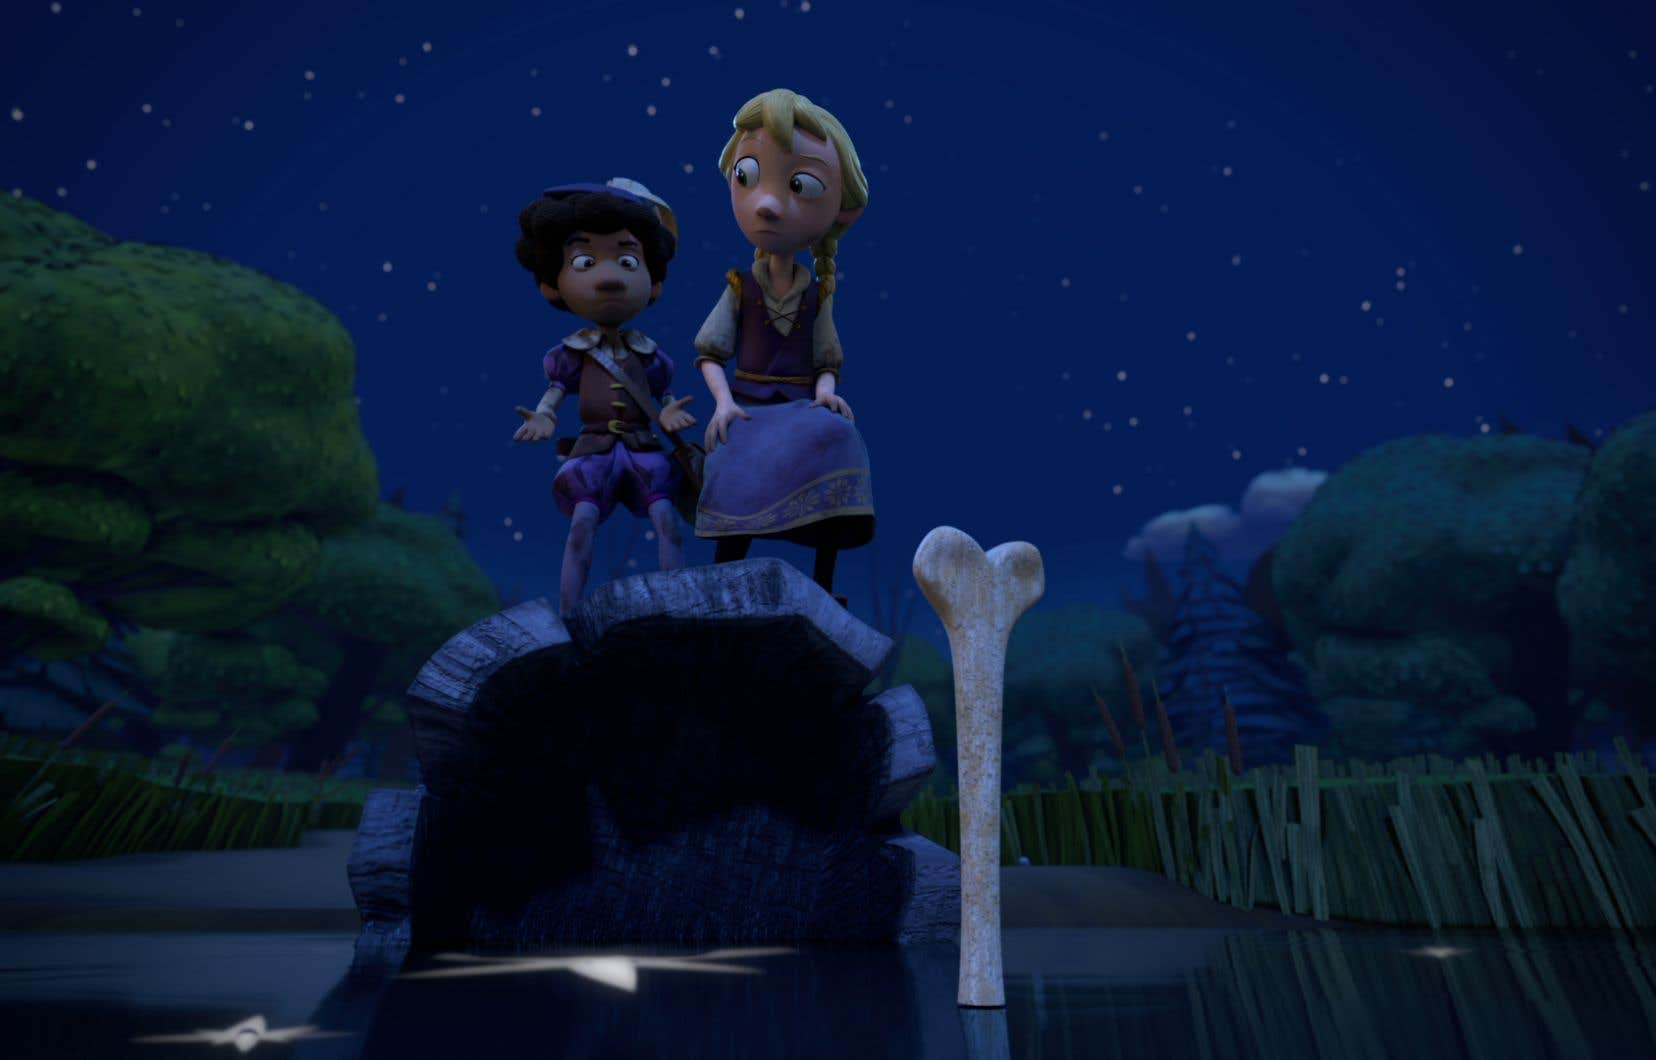 Netflix propose une adaptation animée d'un roman graphique d'Adam Gidwitz ne propose rien de moins que la «vraie-fausse» histoire d'Hansel et Gretel.